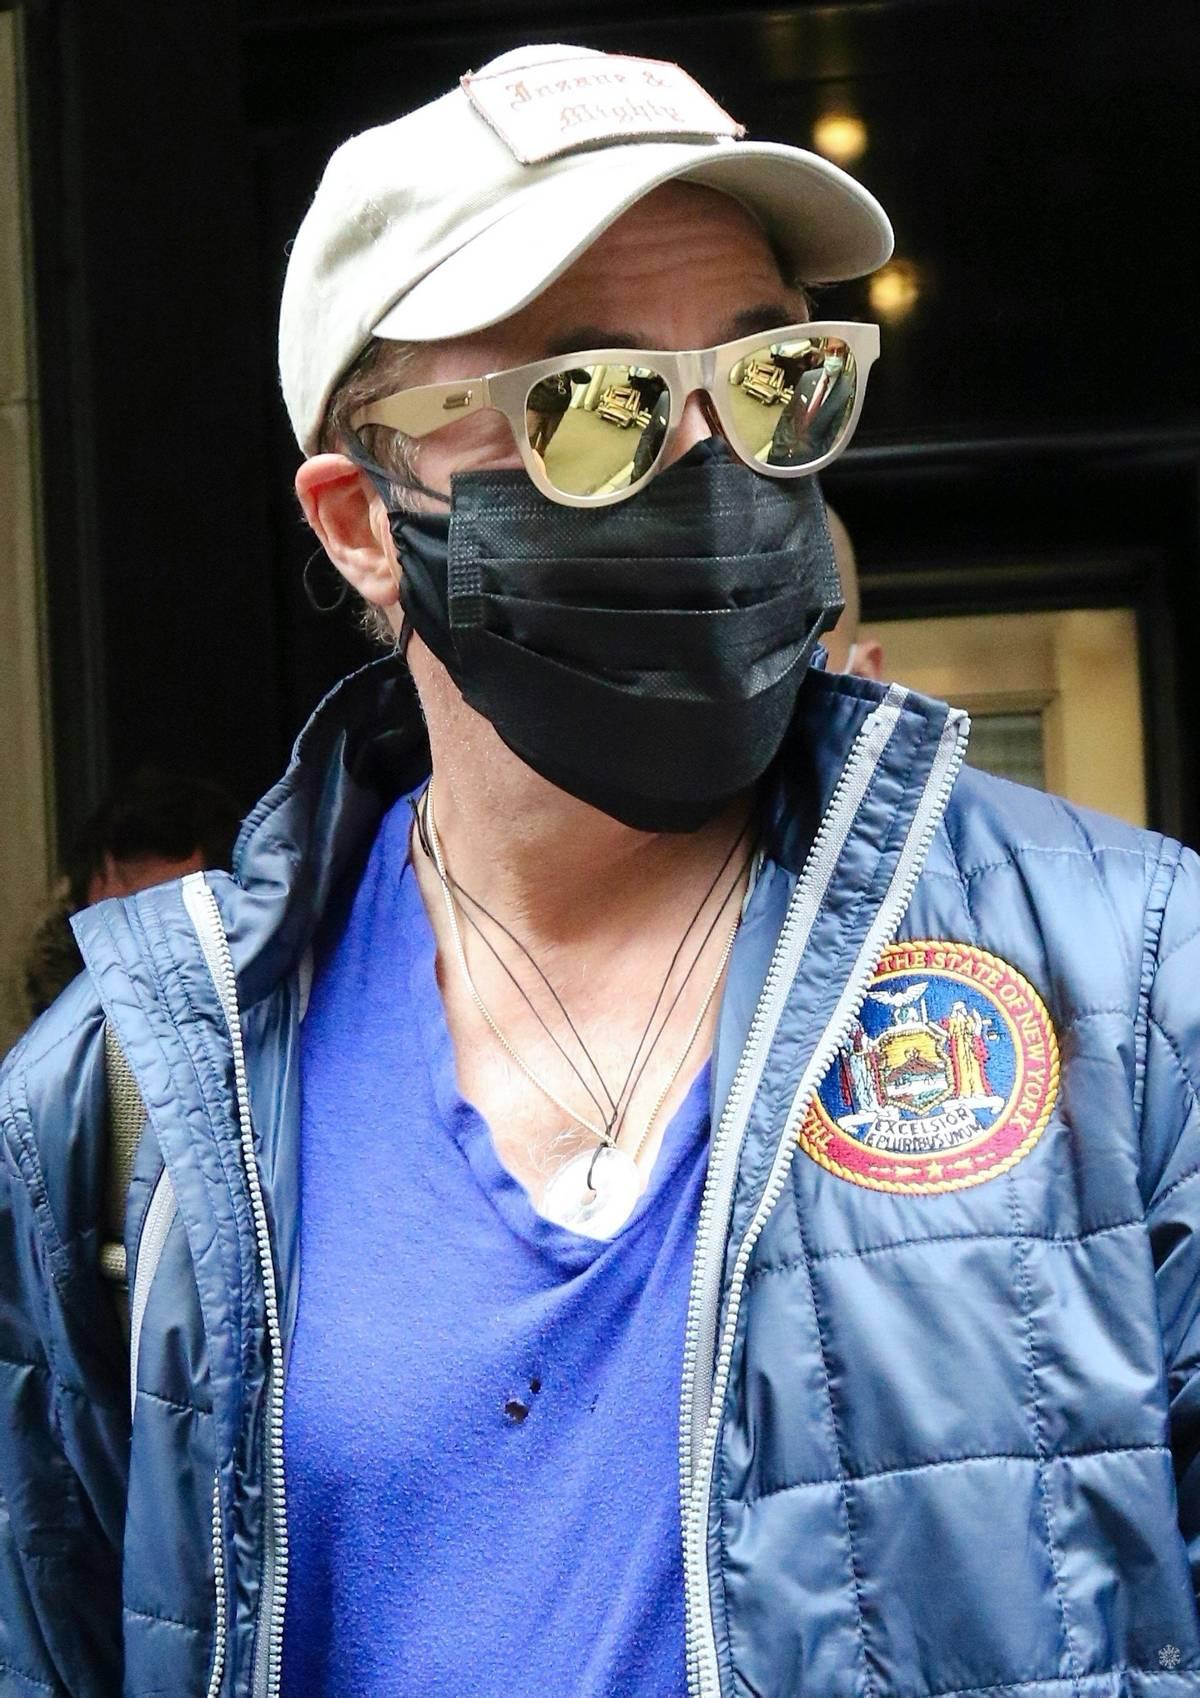 天悦平台唐尼最新街拍曝光,紫色背心胸口烂两洞,钢铁侠退休后生活太节俭